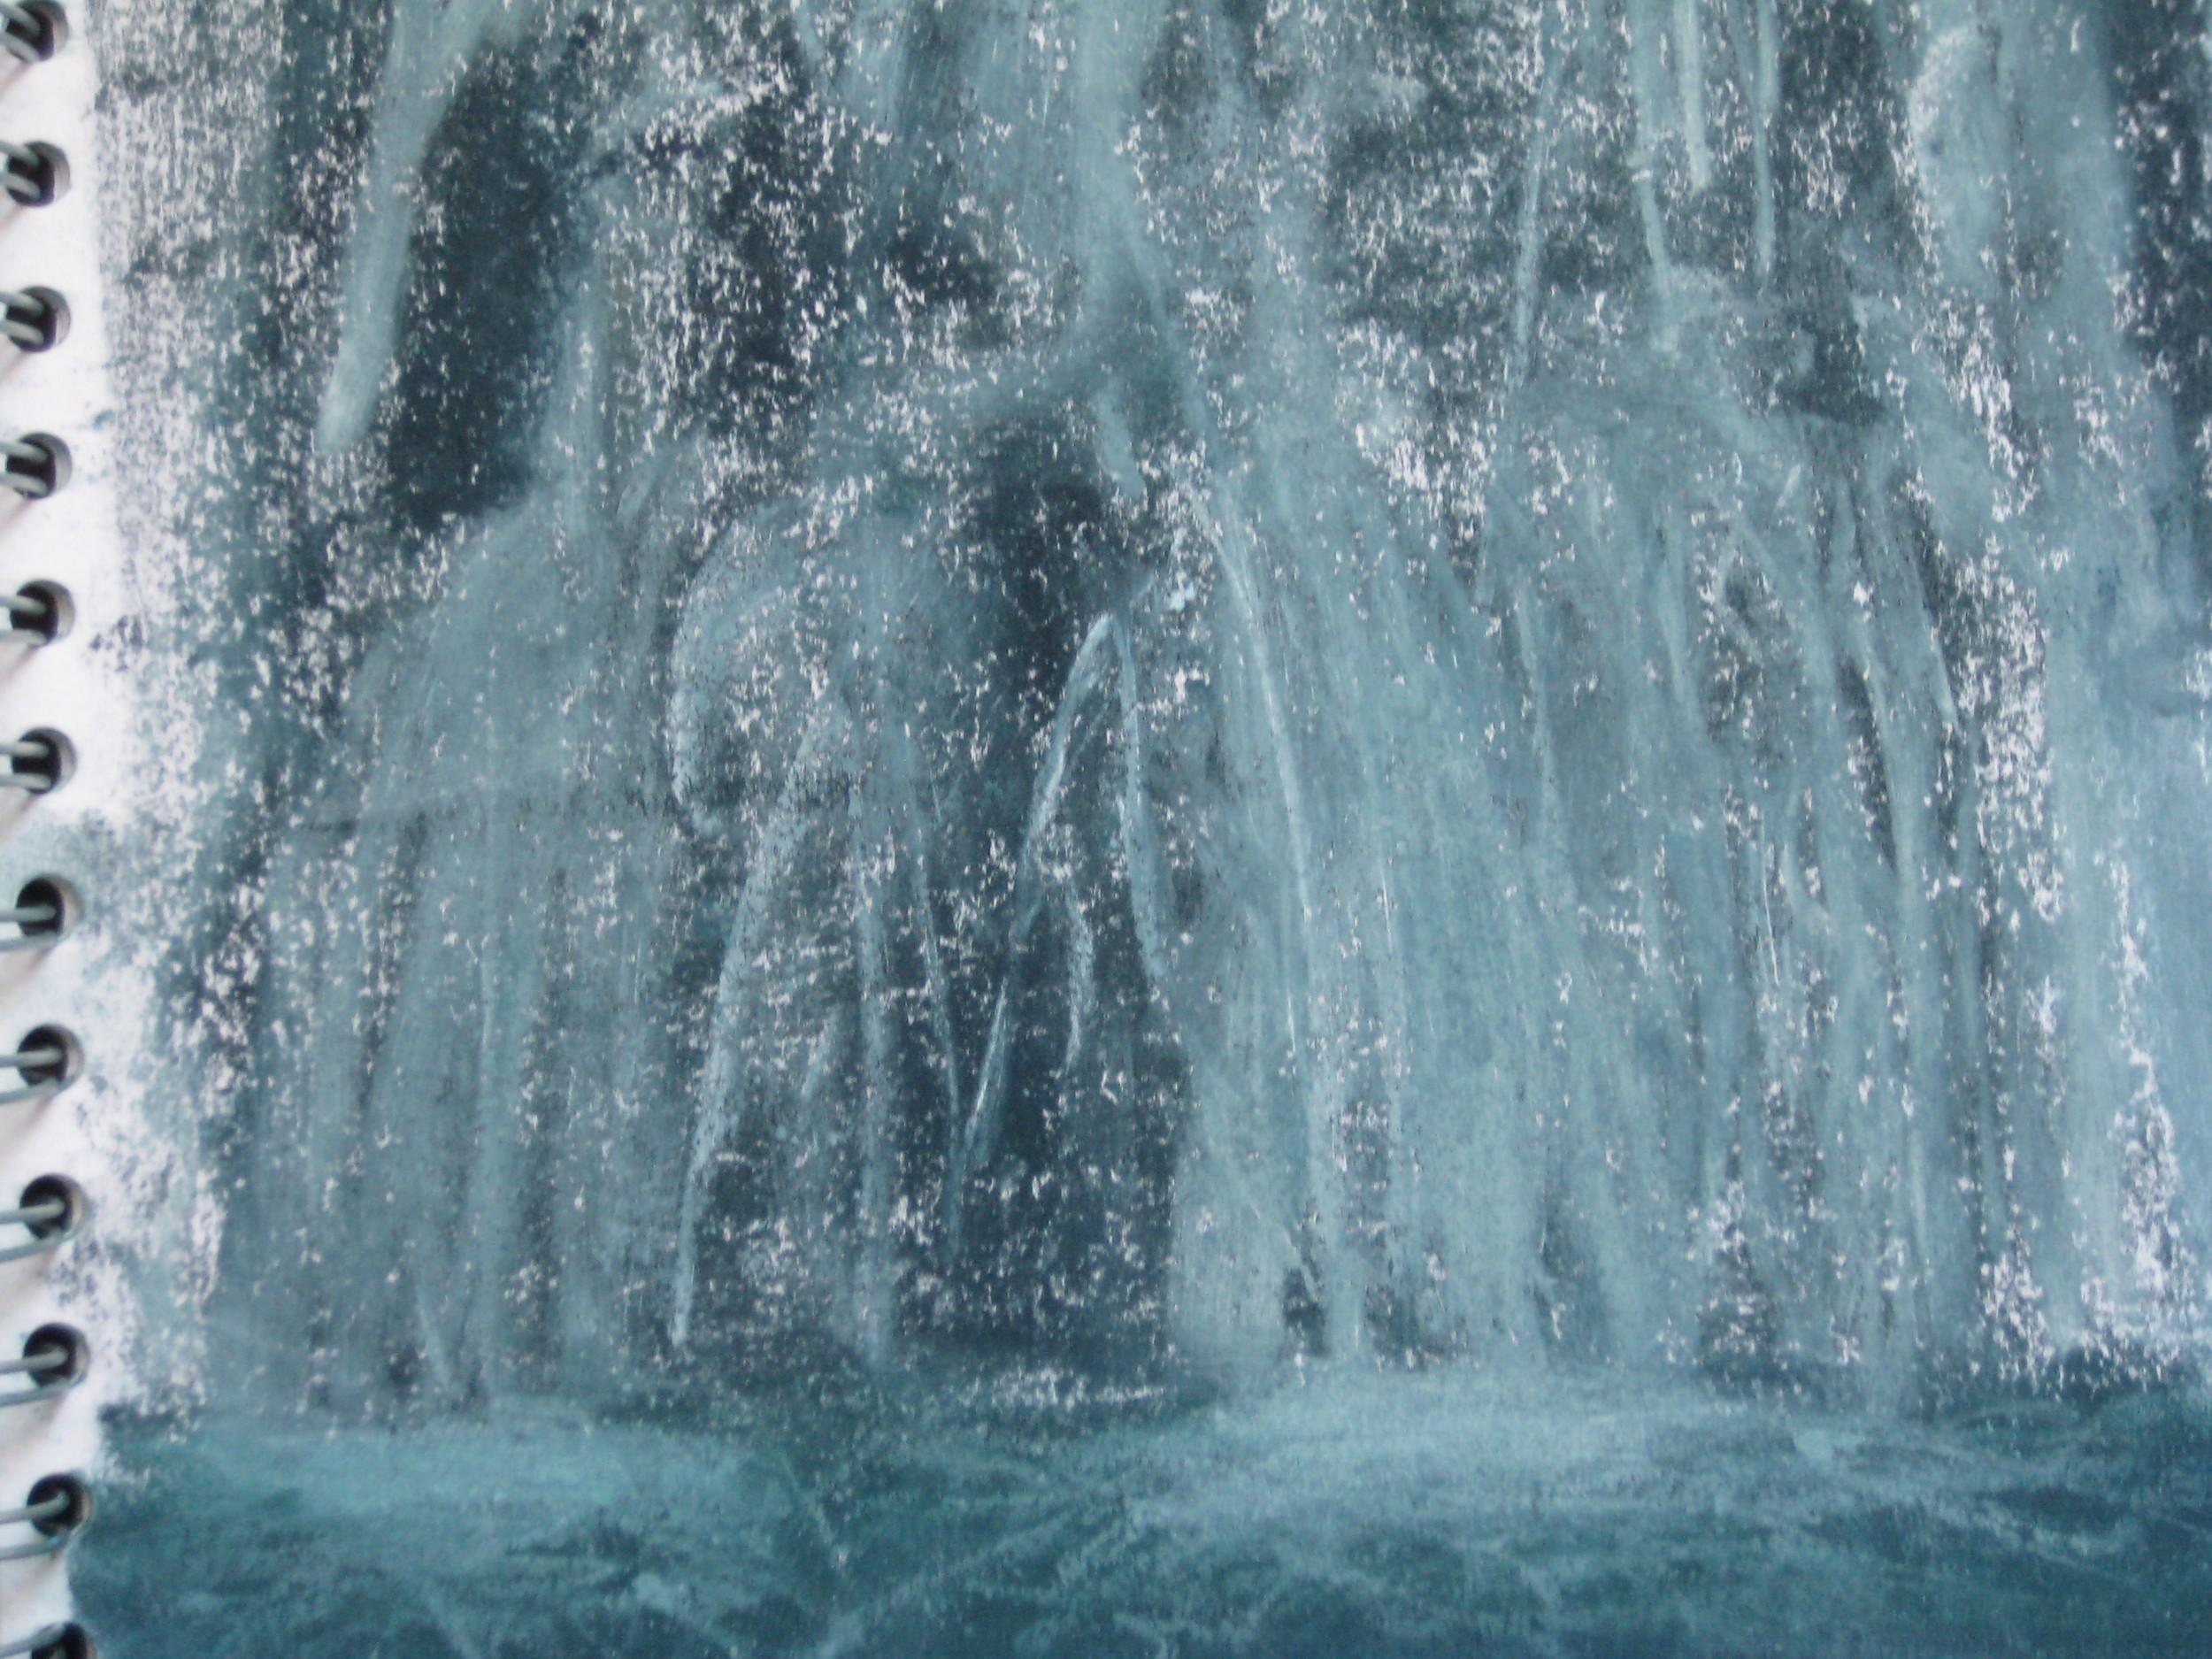 WATERFALL, LYSEFJORD, NORWAY